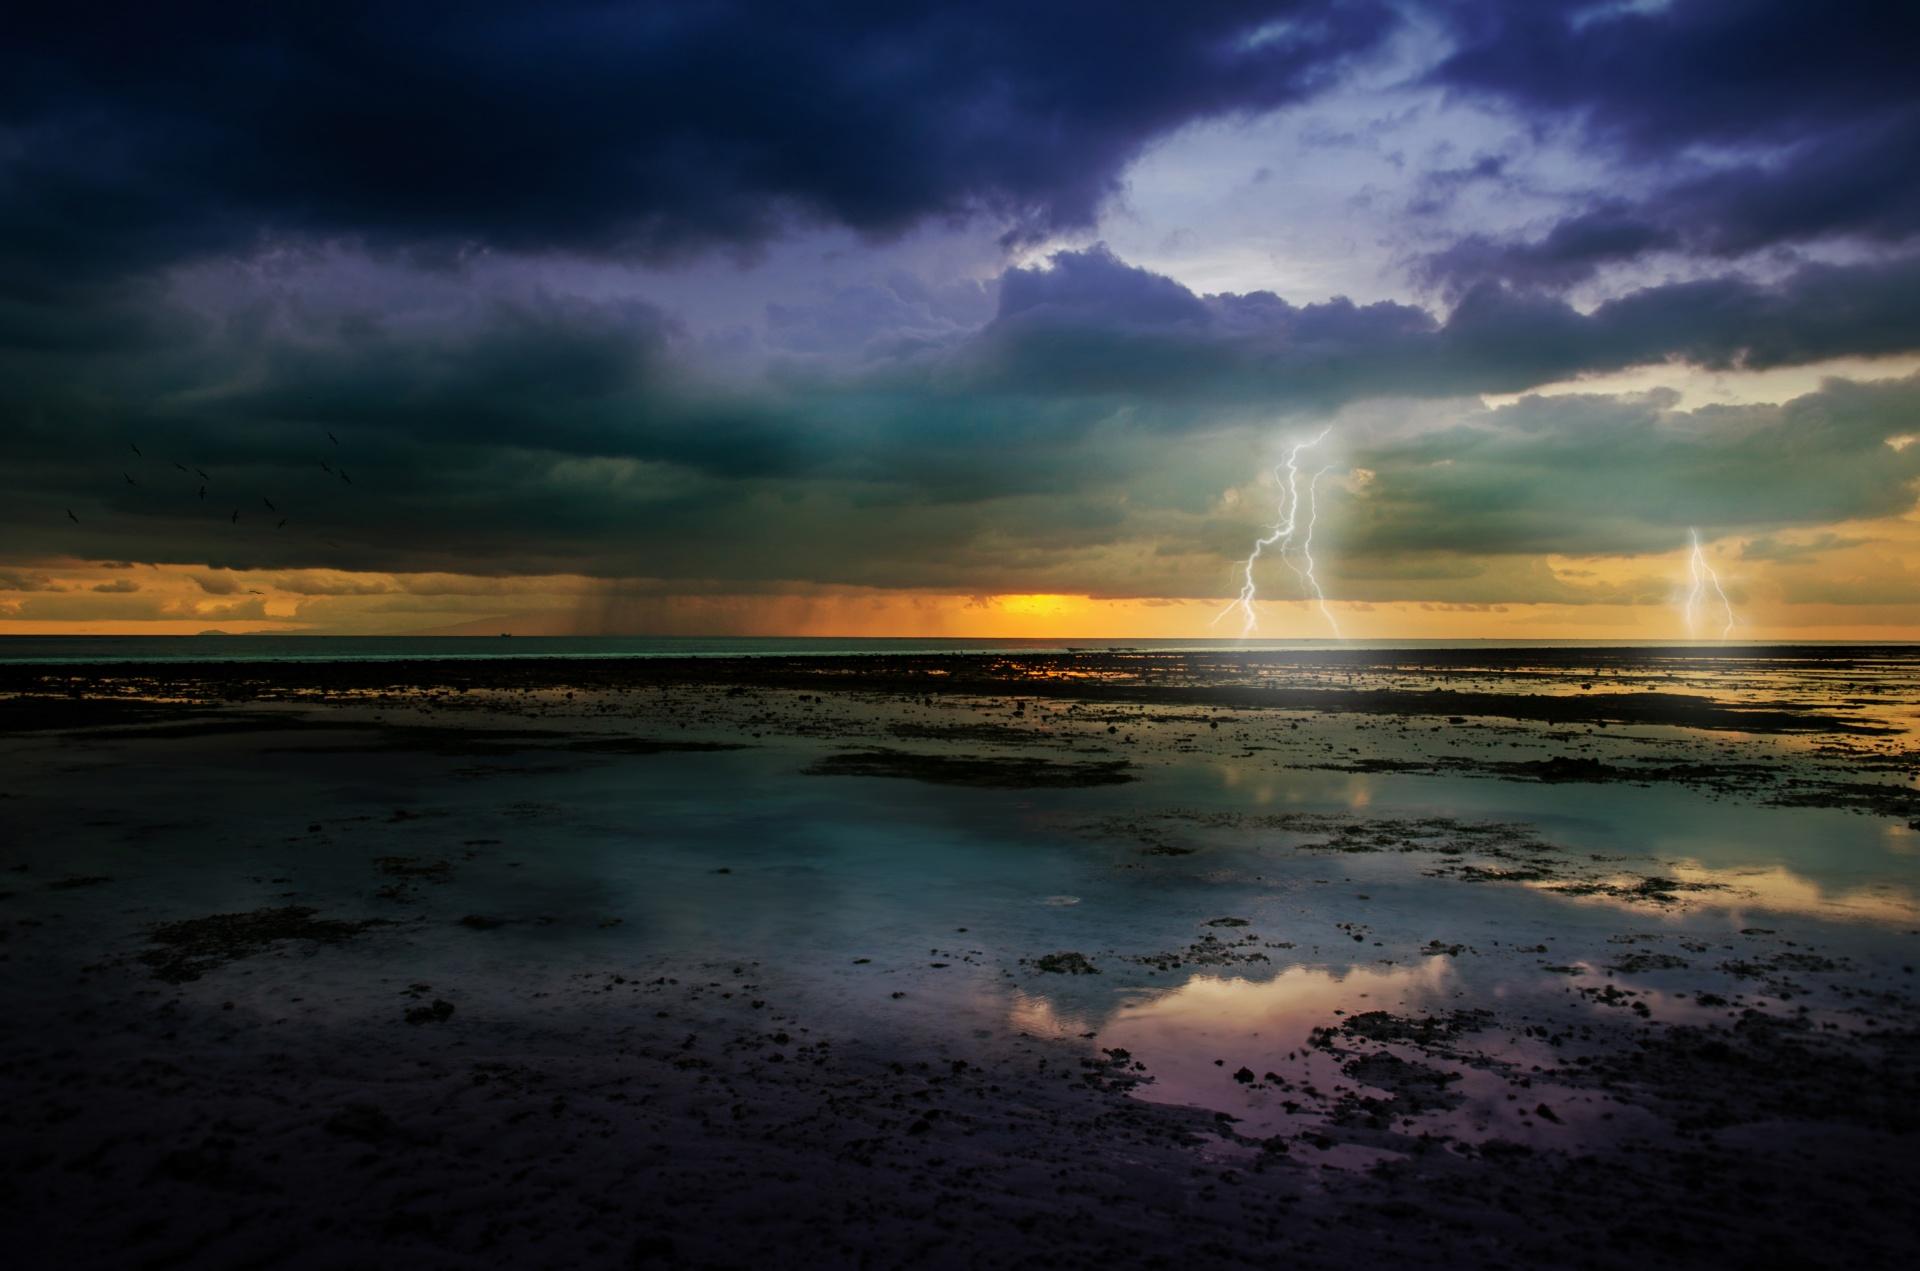 Ocean,storm,lightning,sea,shore - free image from needpix.com